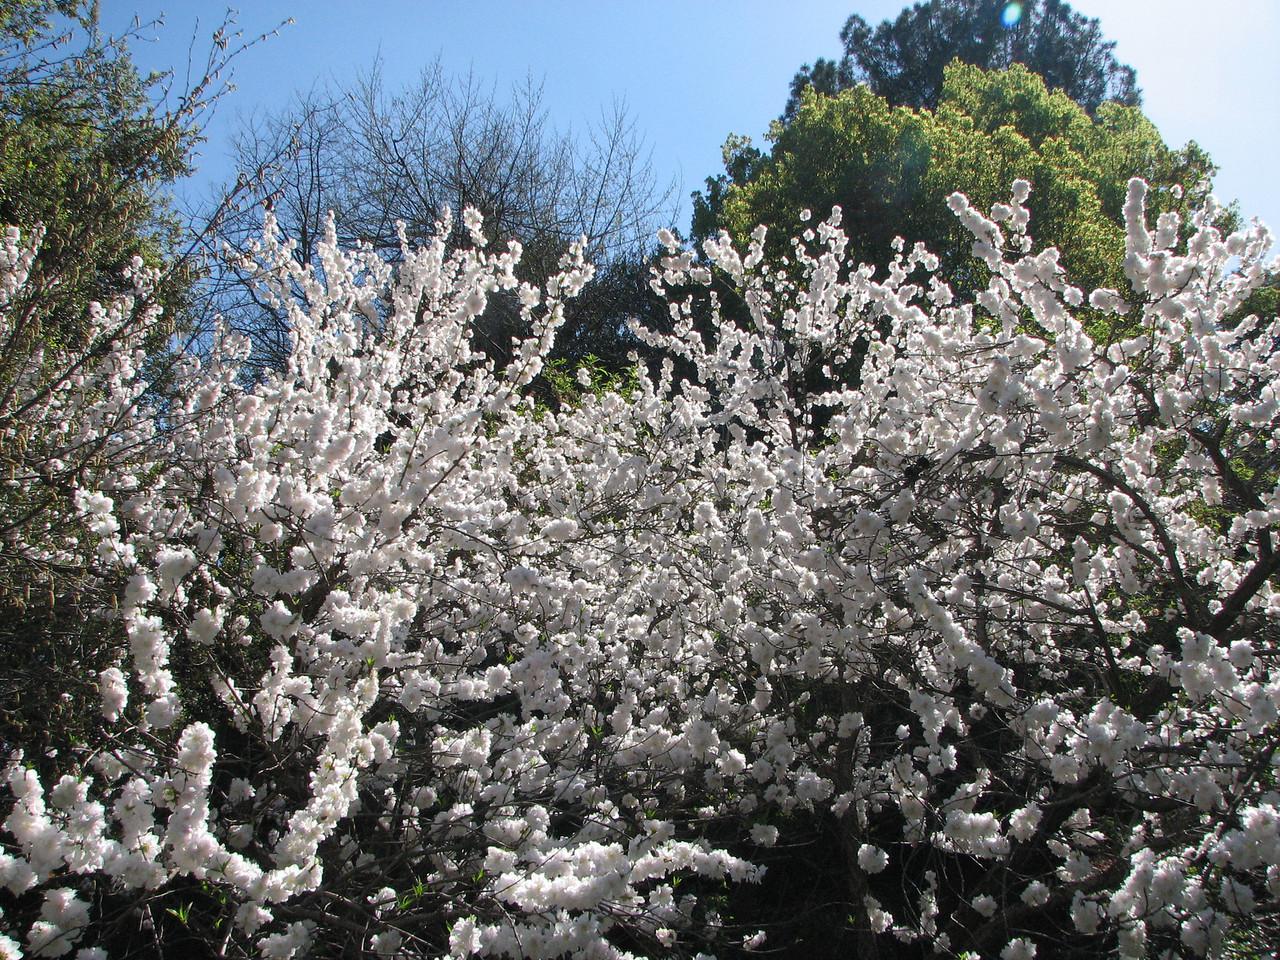 2008 03 09 Sun - Blooming tree